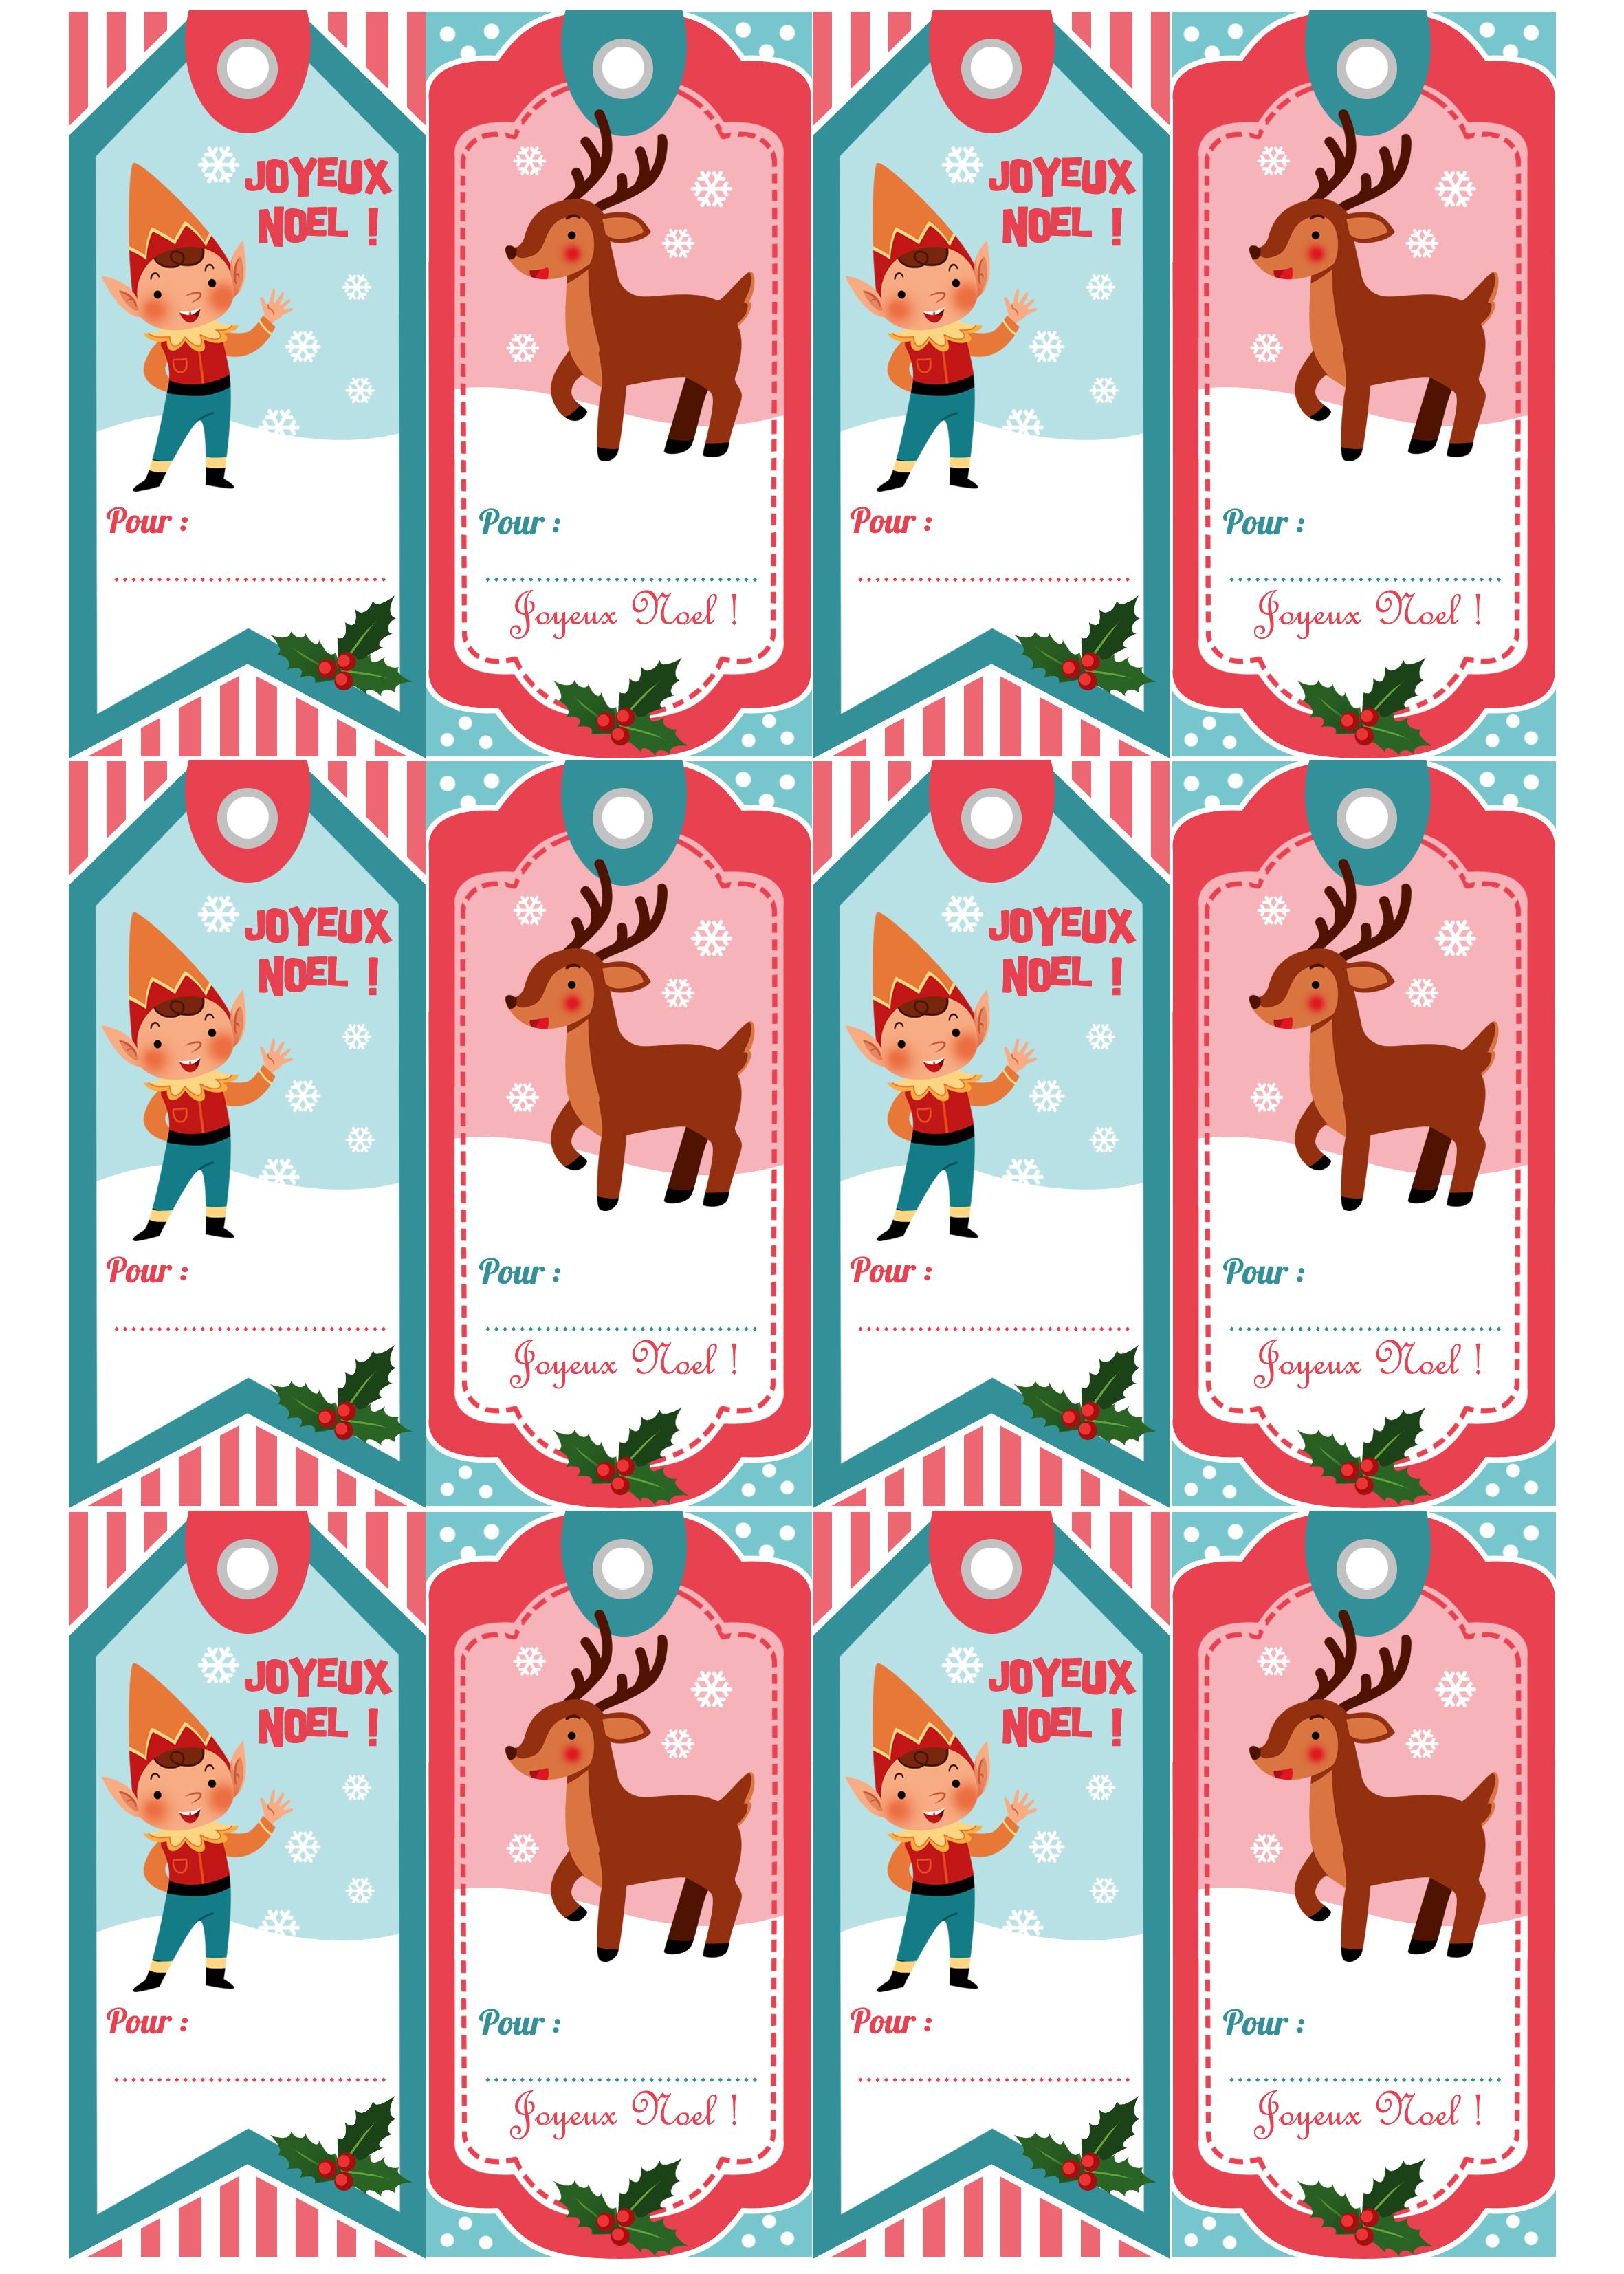 Bien connu ASTUCE*° Des étiquettes pour vos cadeaux de Noël à imprimer  VU26